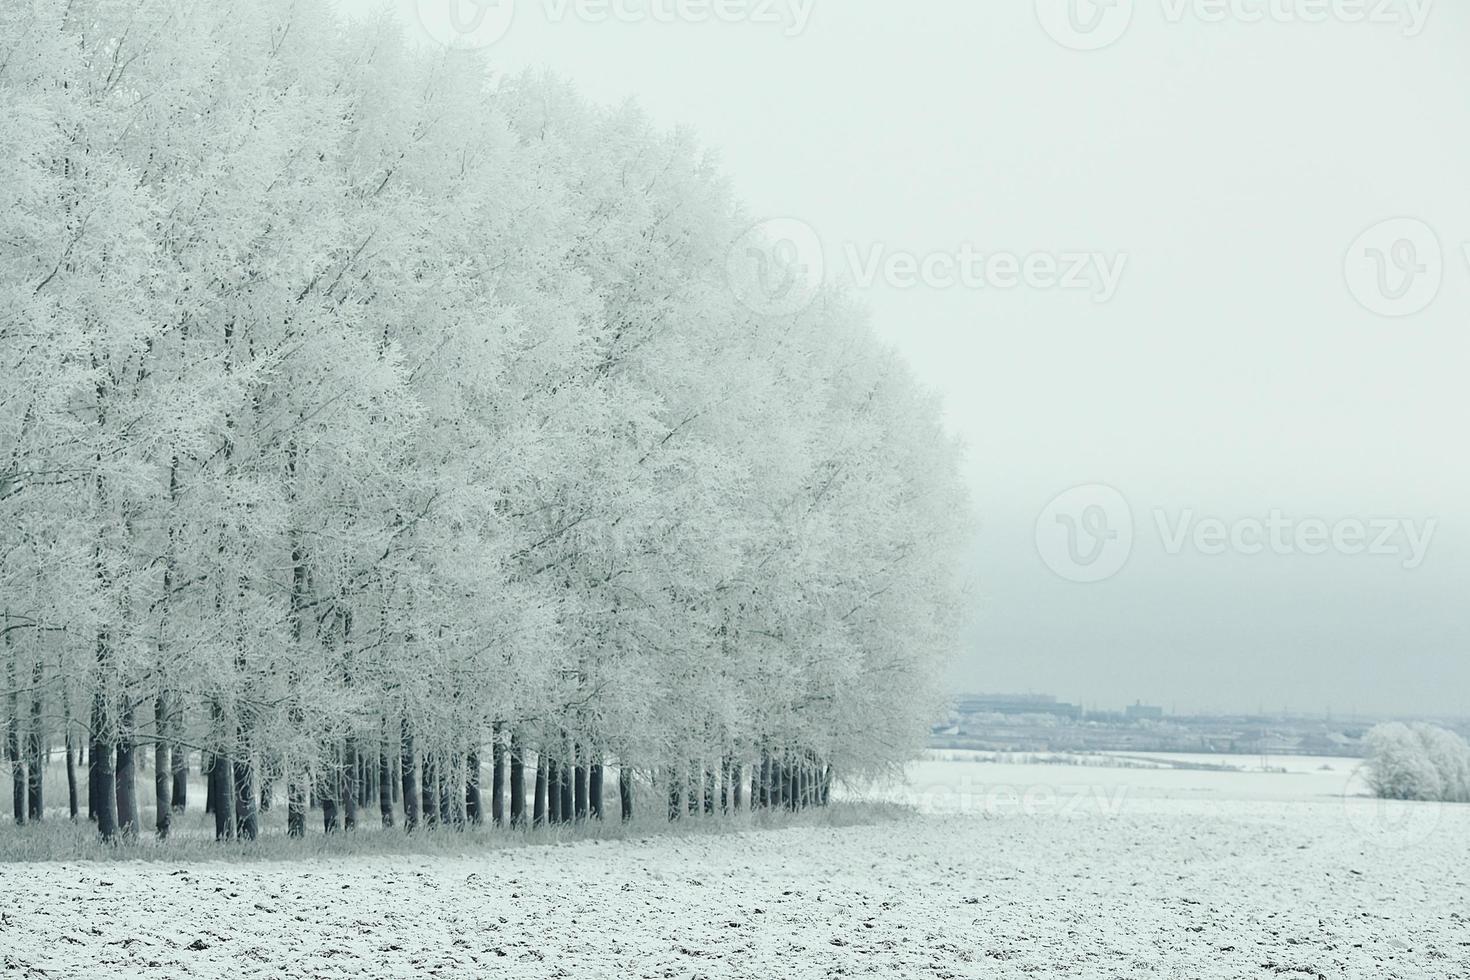 Snowy winter road in a field photo